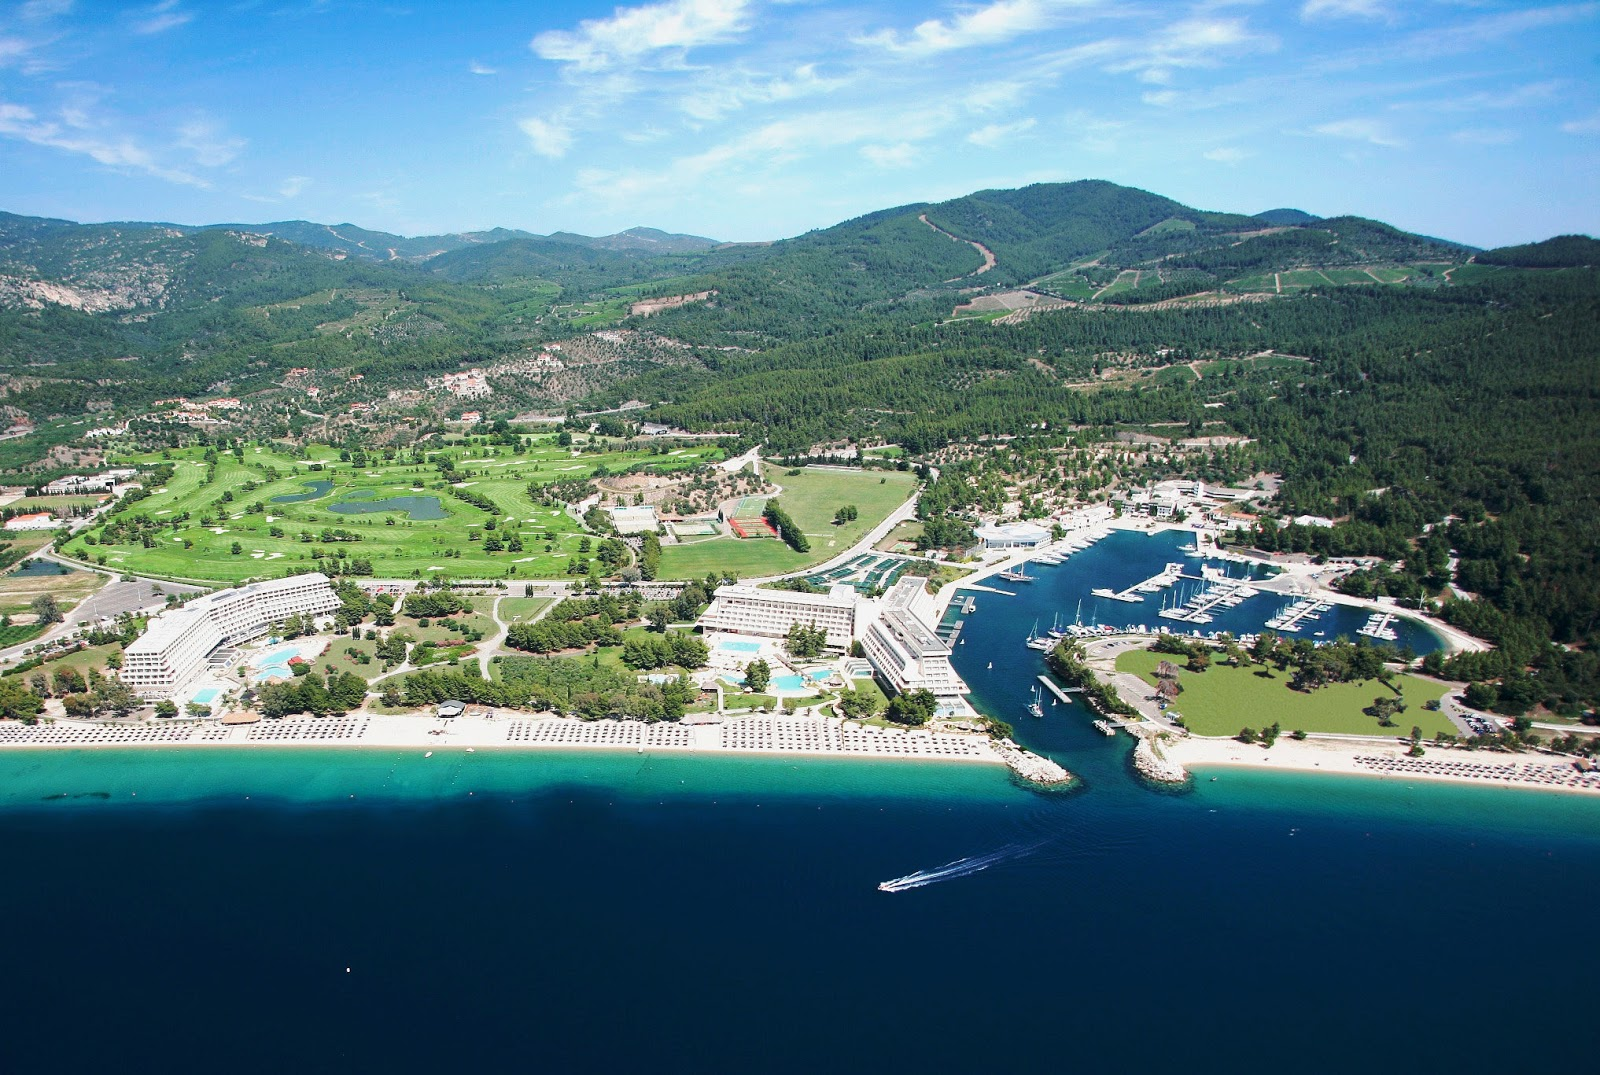 Πρώτη σε «Γαλάζιες Σημαίες» το 2018 η Χαλκιδική, τρεις από αυτές στο Porto Carras Grand Resort